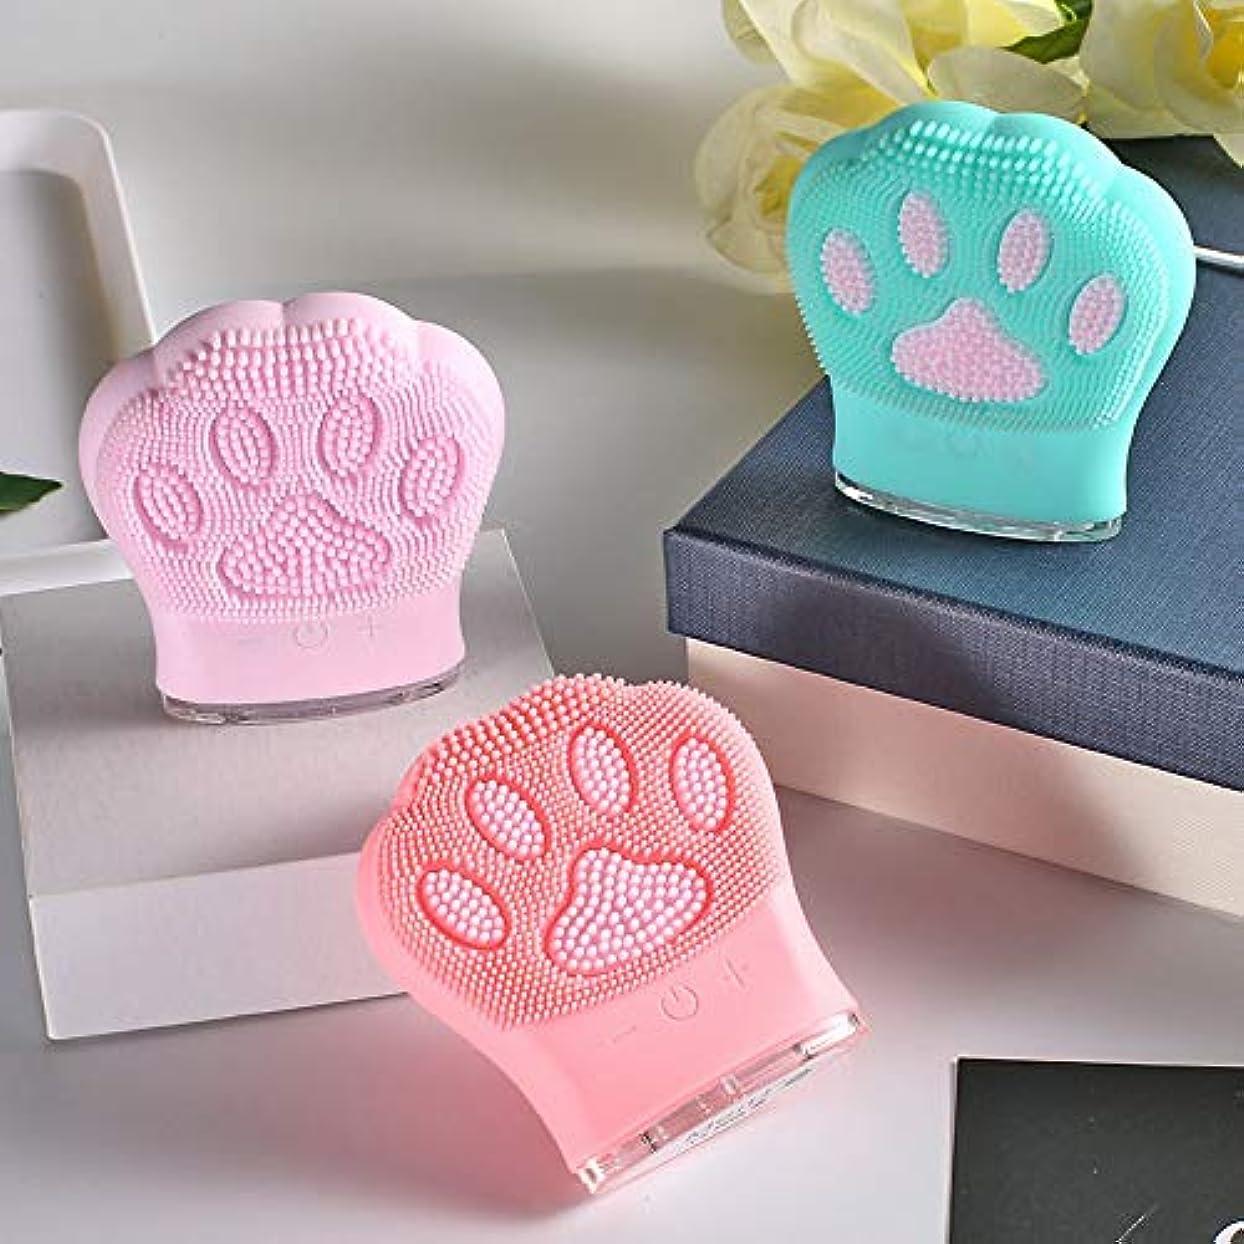 ちょうつがいエスカレーターかかわらずZXF 新しい猫の爪形状シリコーンクレンジング楽器超音波充電洗顔器具ガールフレンド小さなギフト洗浄ブラシピンク赤青セクション 滑らかである (色 : Pink)